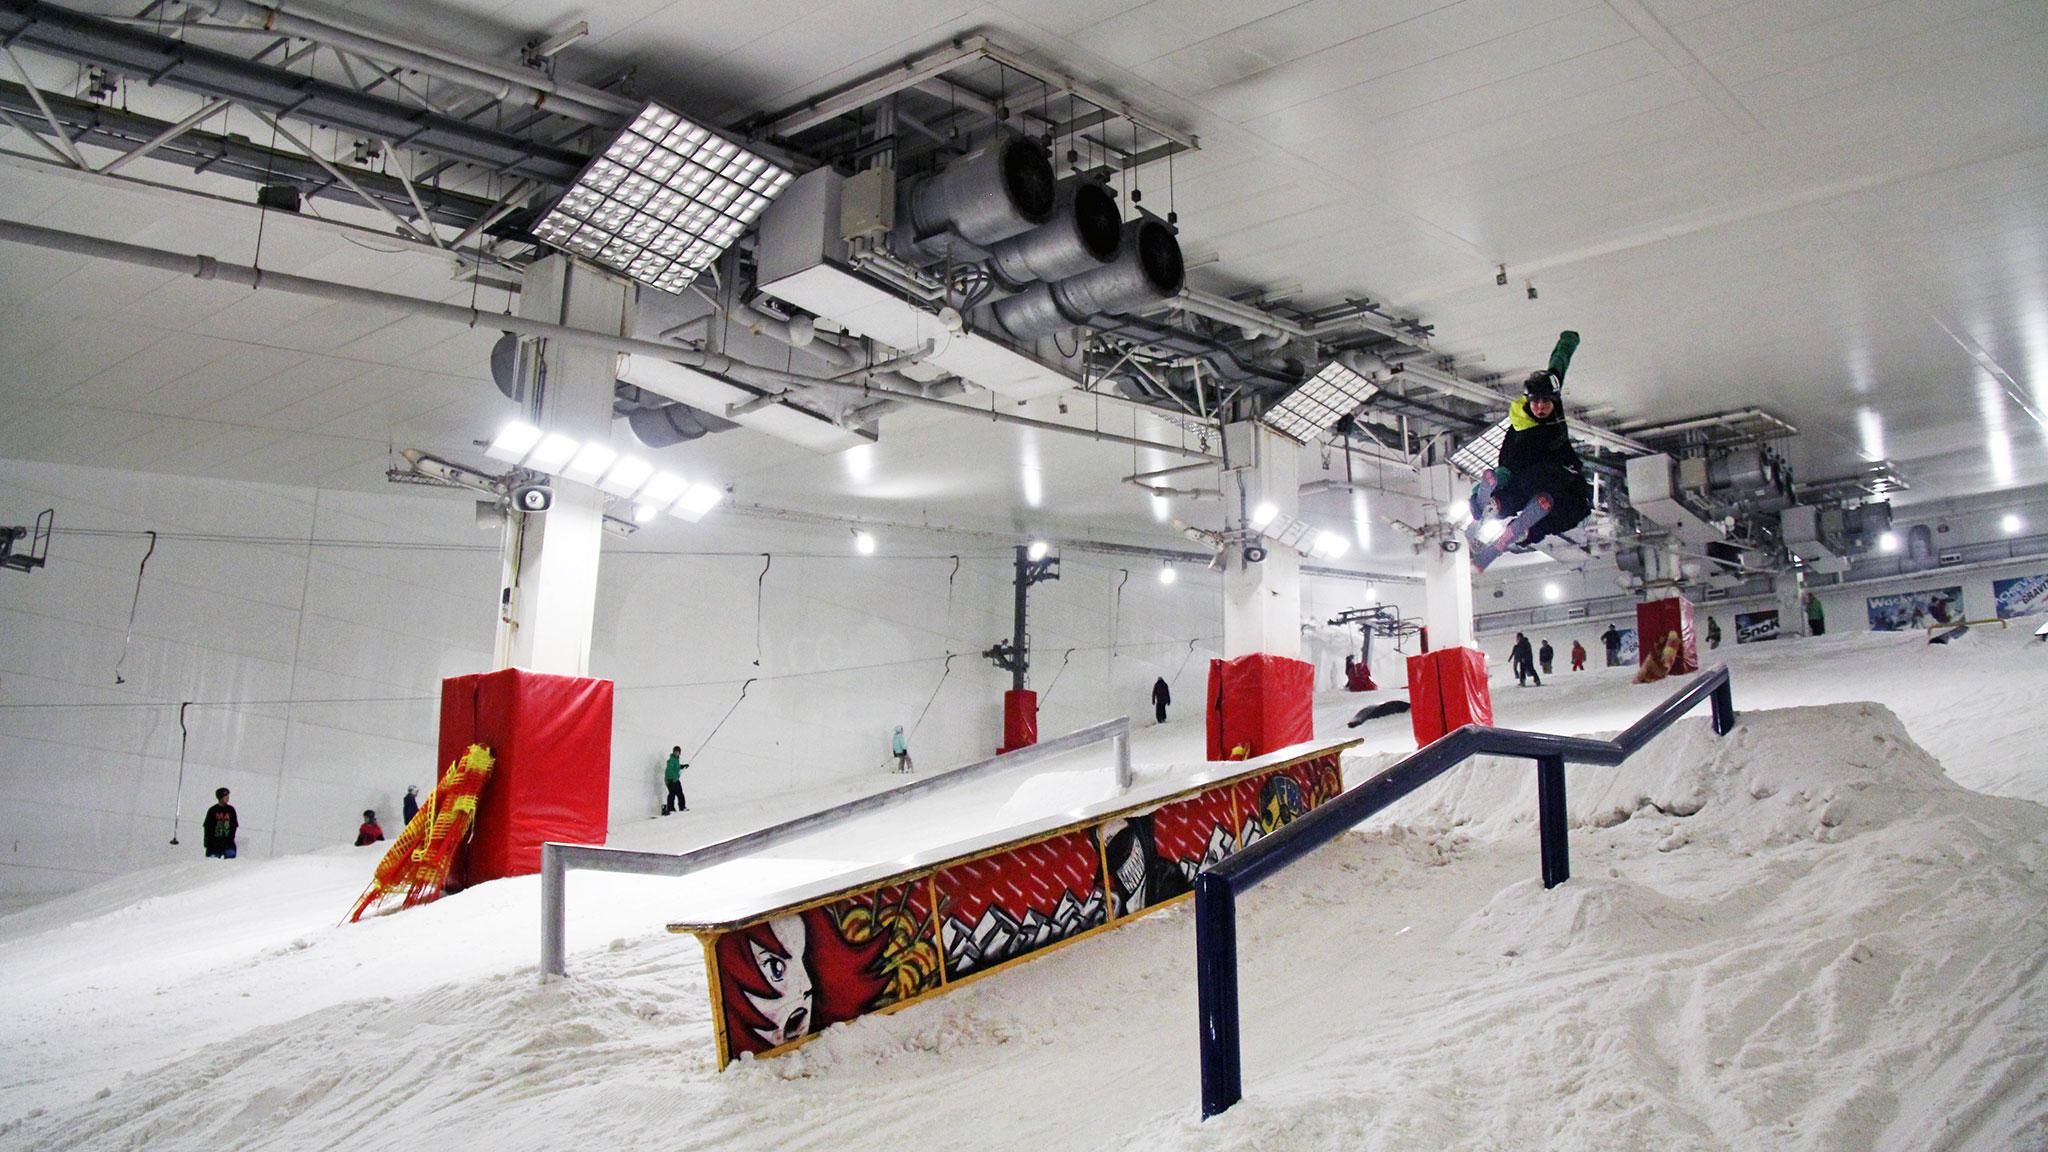 Monty Wright, Xscape Snowzone